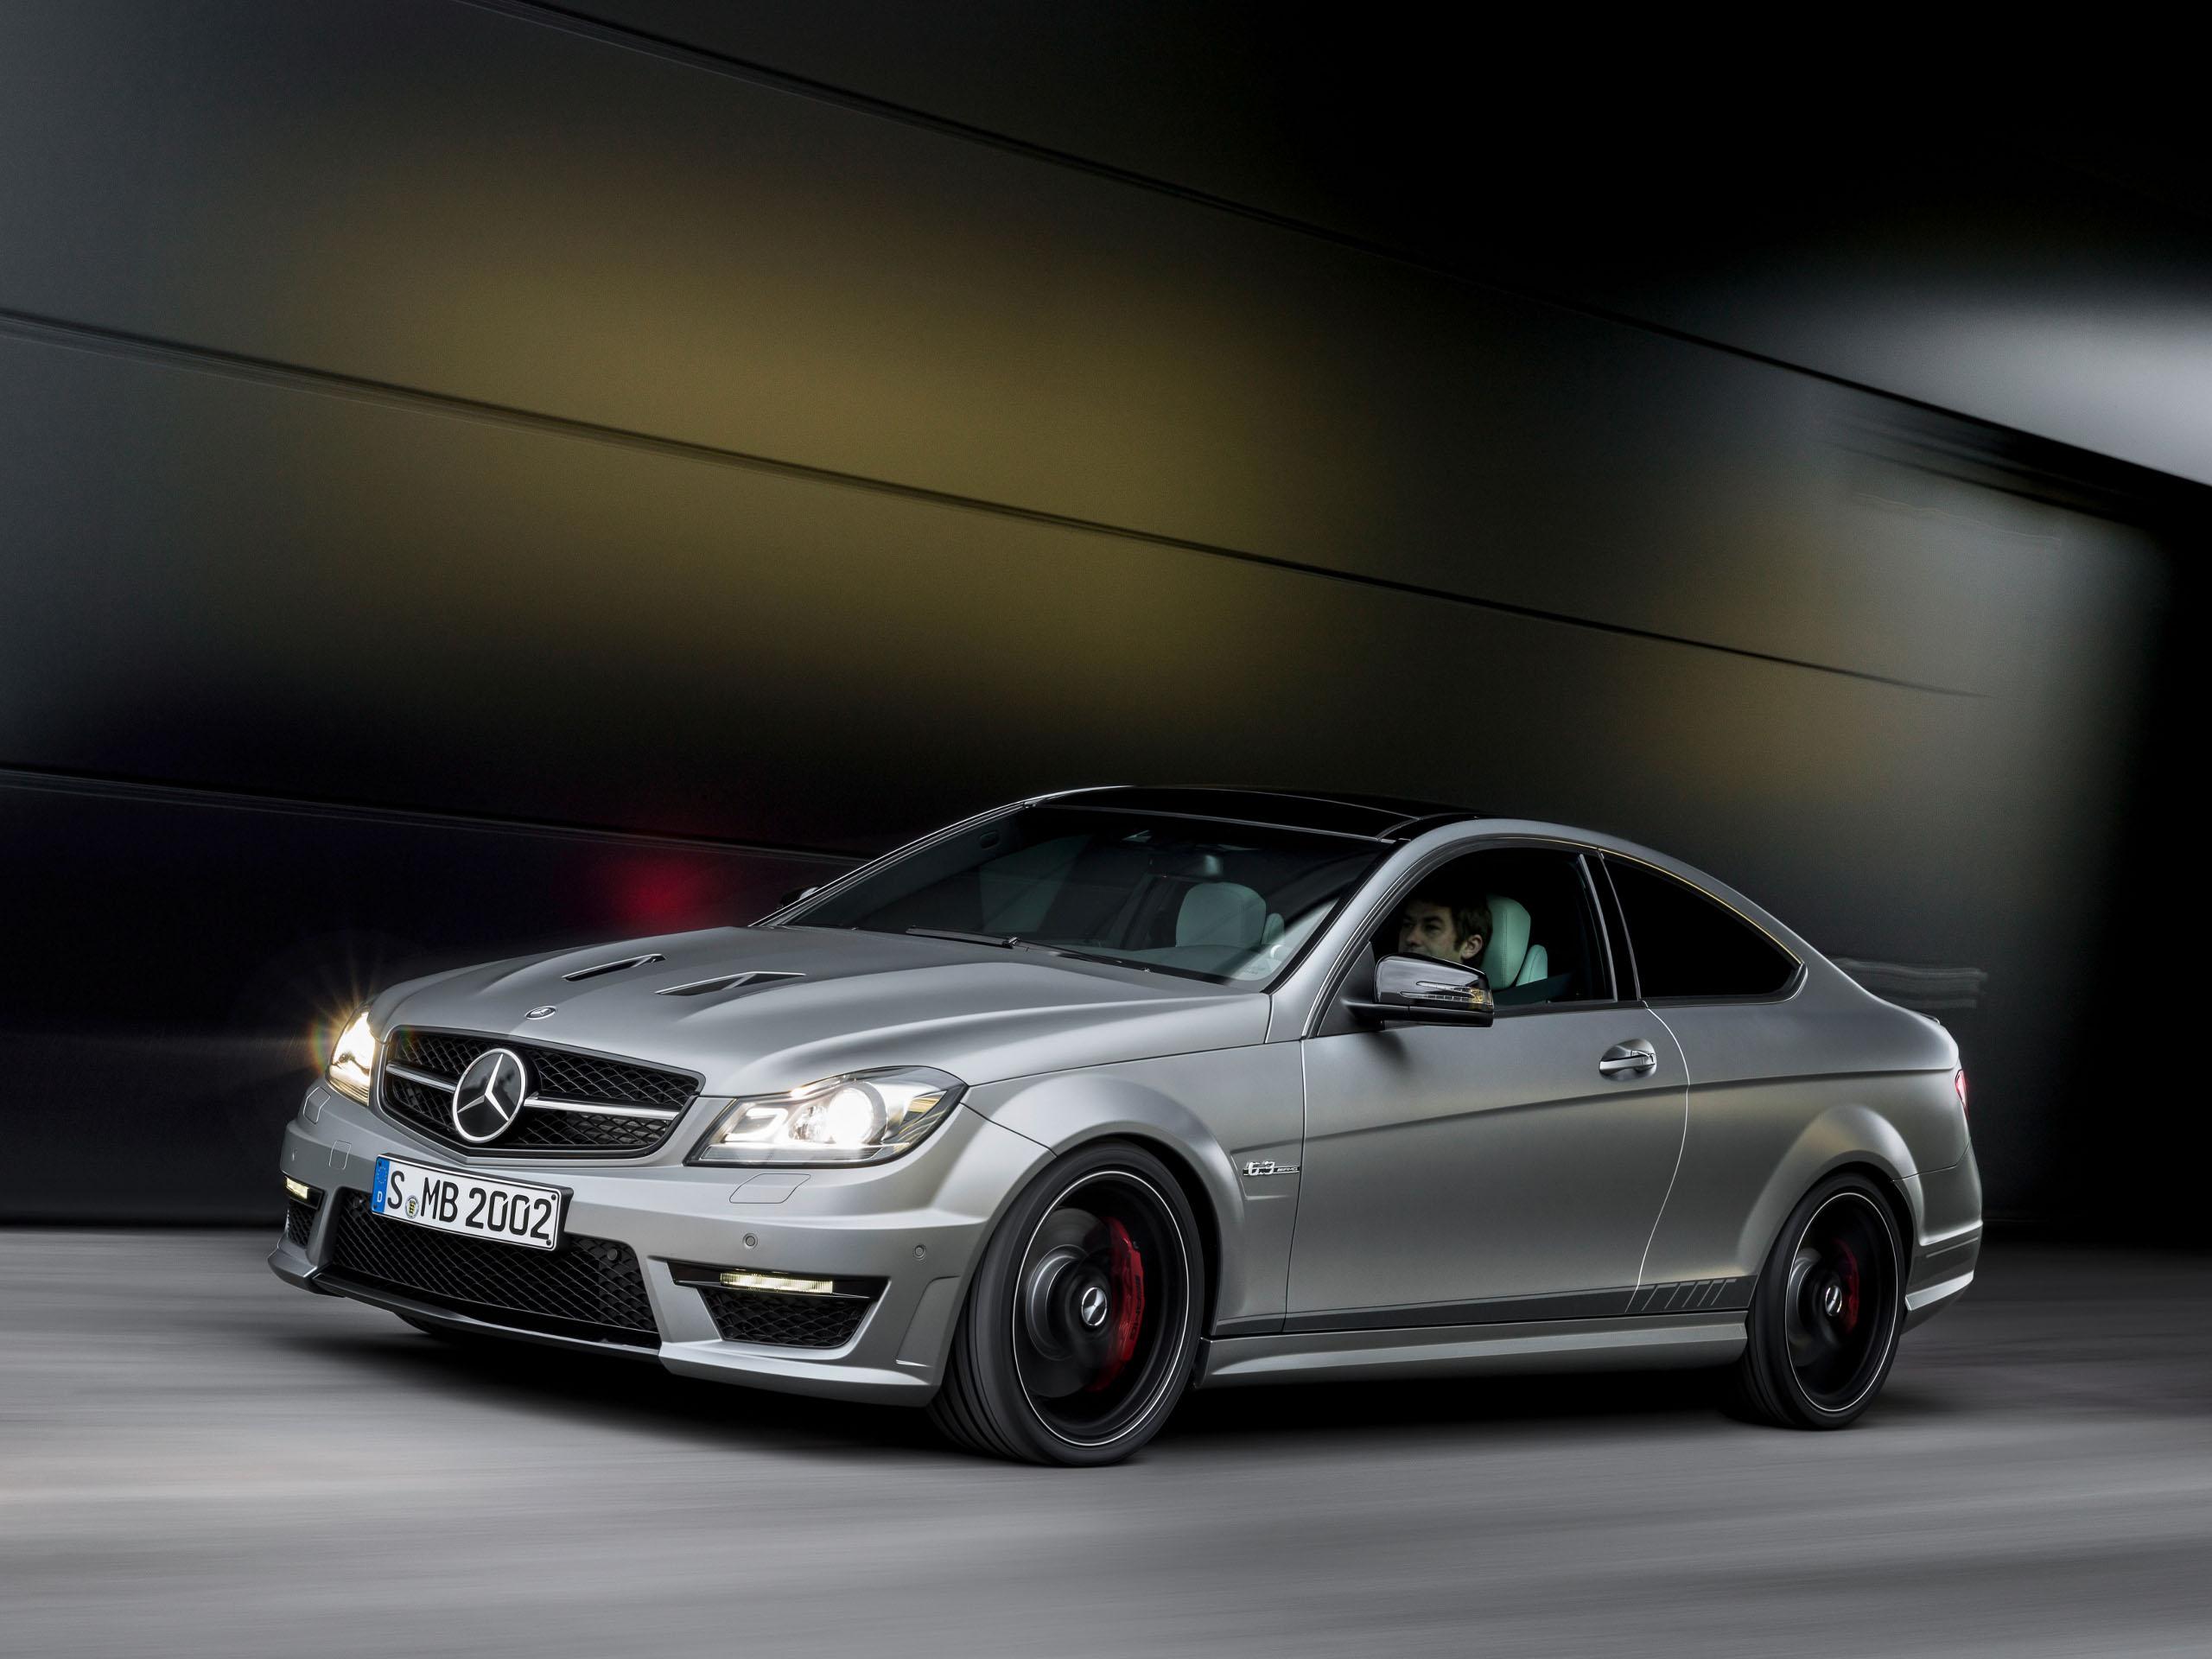 Mercedes A 45 AMG und C 63 AMG Edition 507 Preise